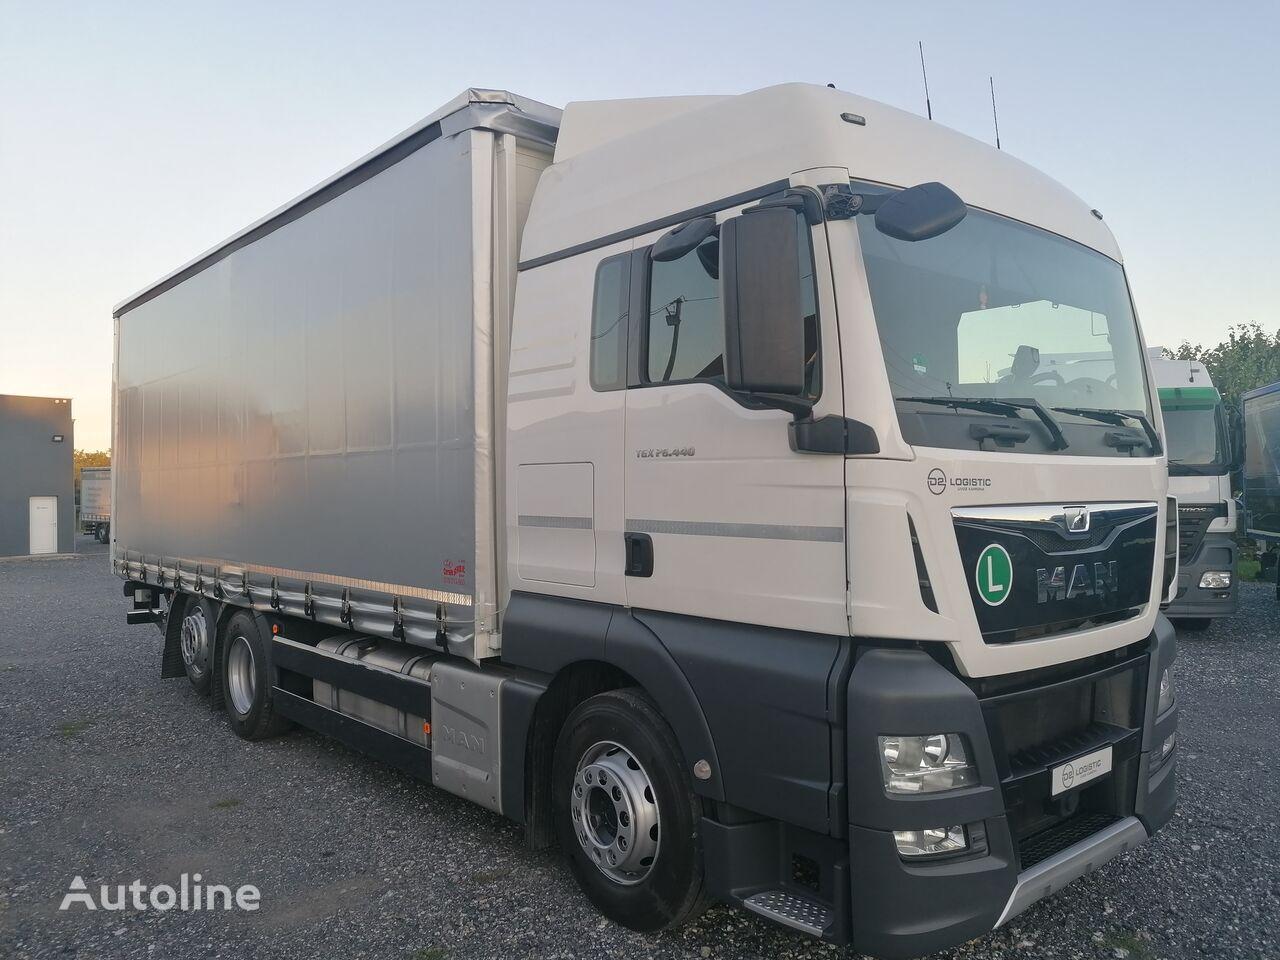 MAN TGX 26.440 EURO 6 camión toldo